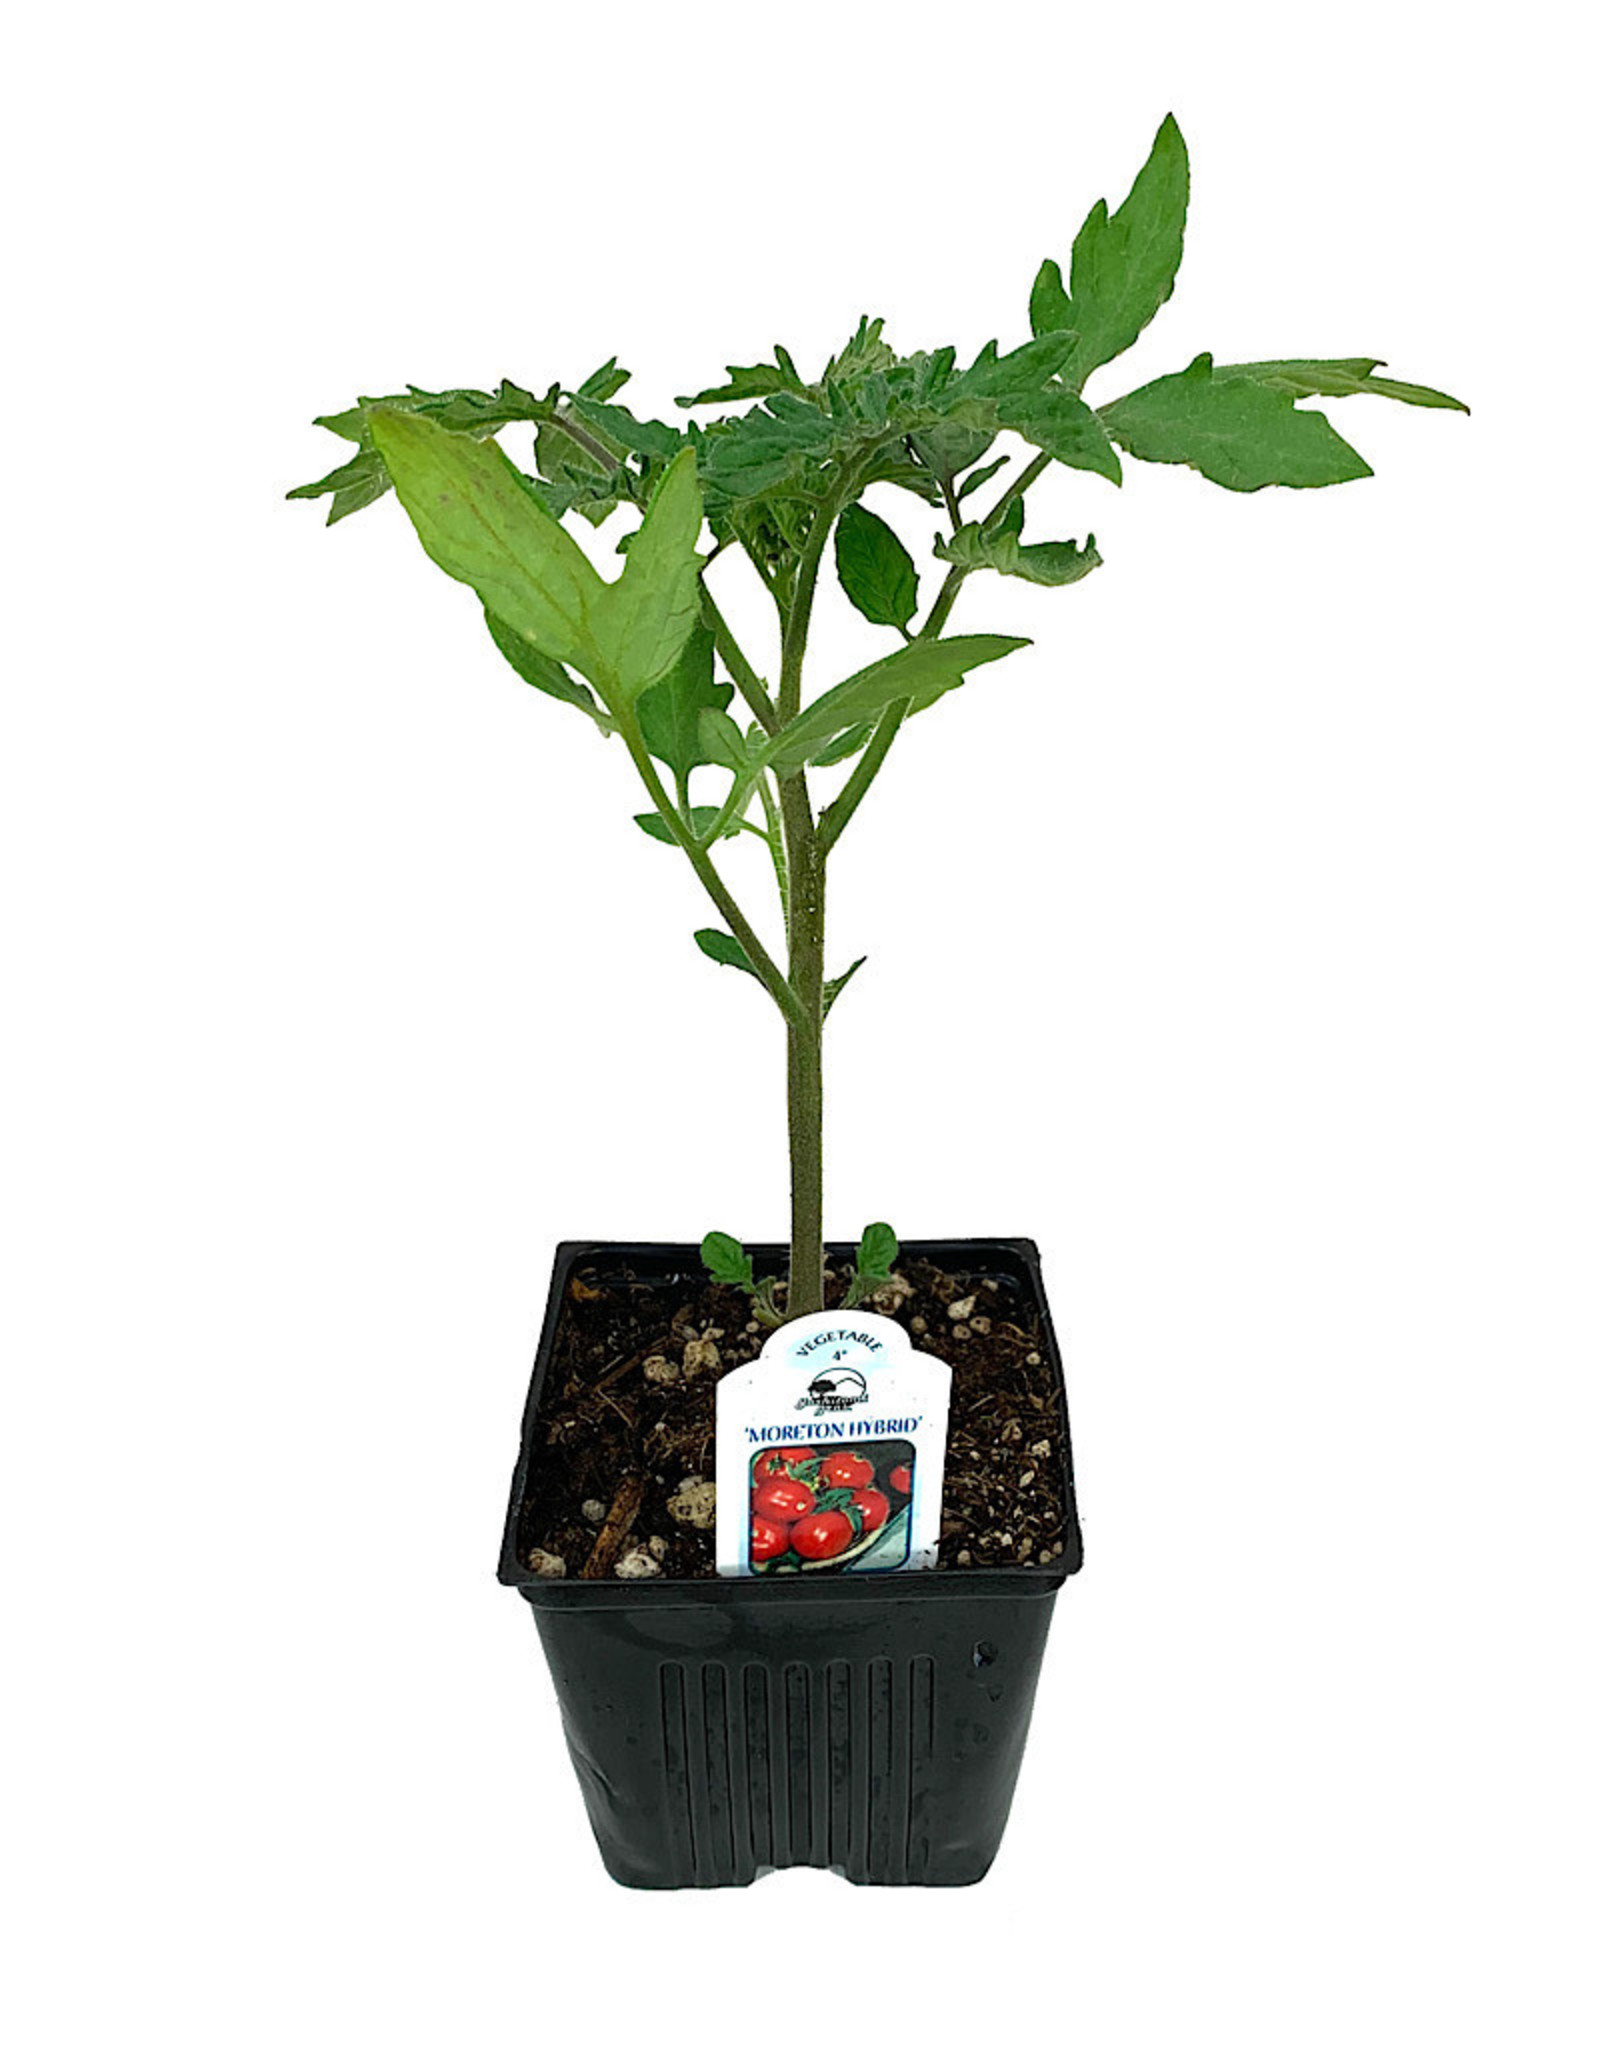 Tomato 'Moreton Hybrid' - 4 inch